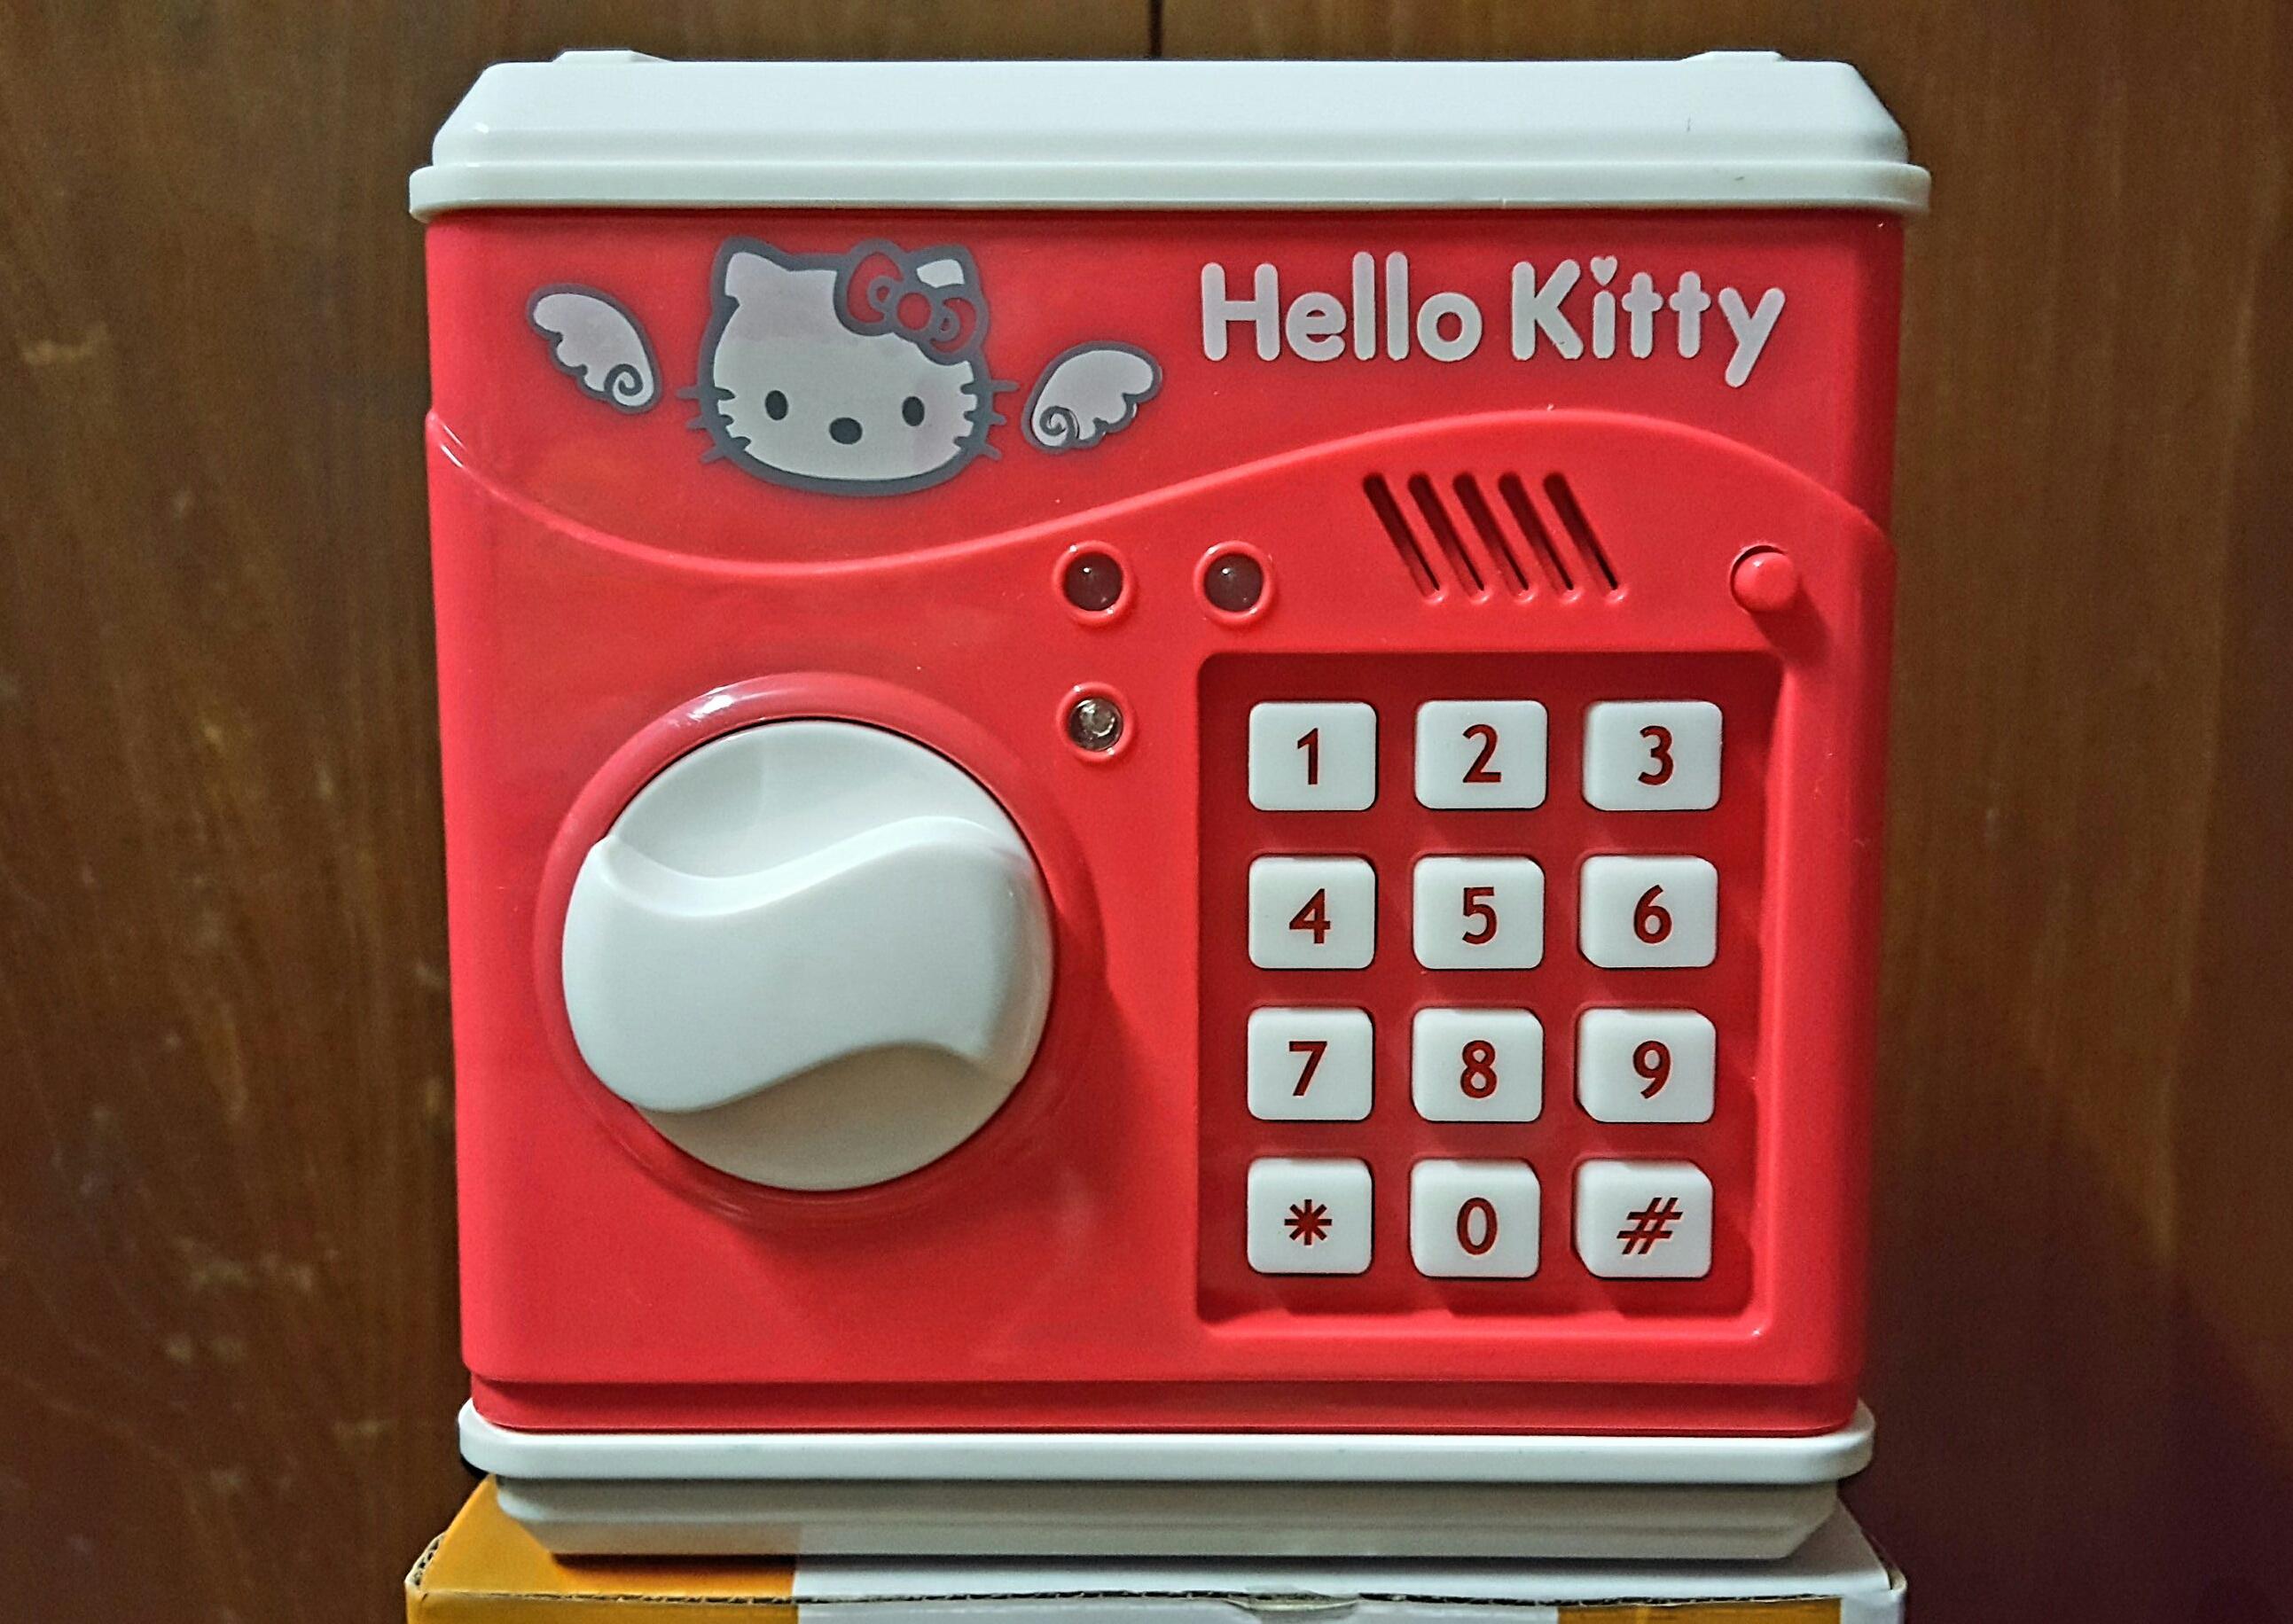 พร้อมส่ง :: ออมสินตู้เซฟ Hello kitty